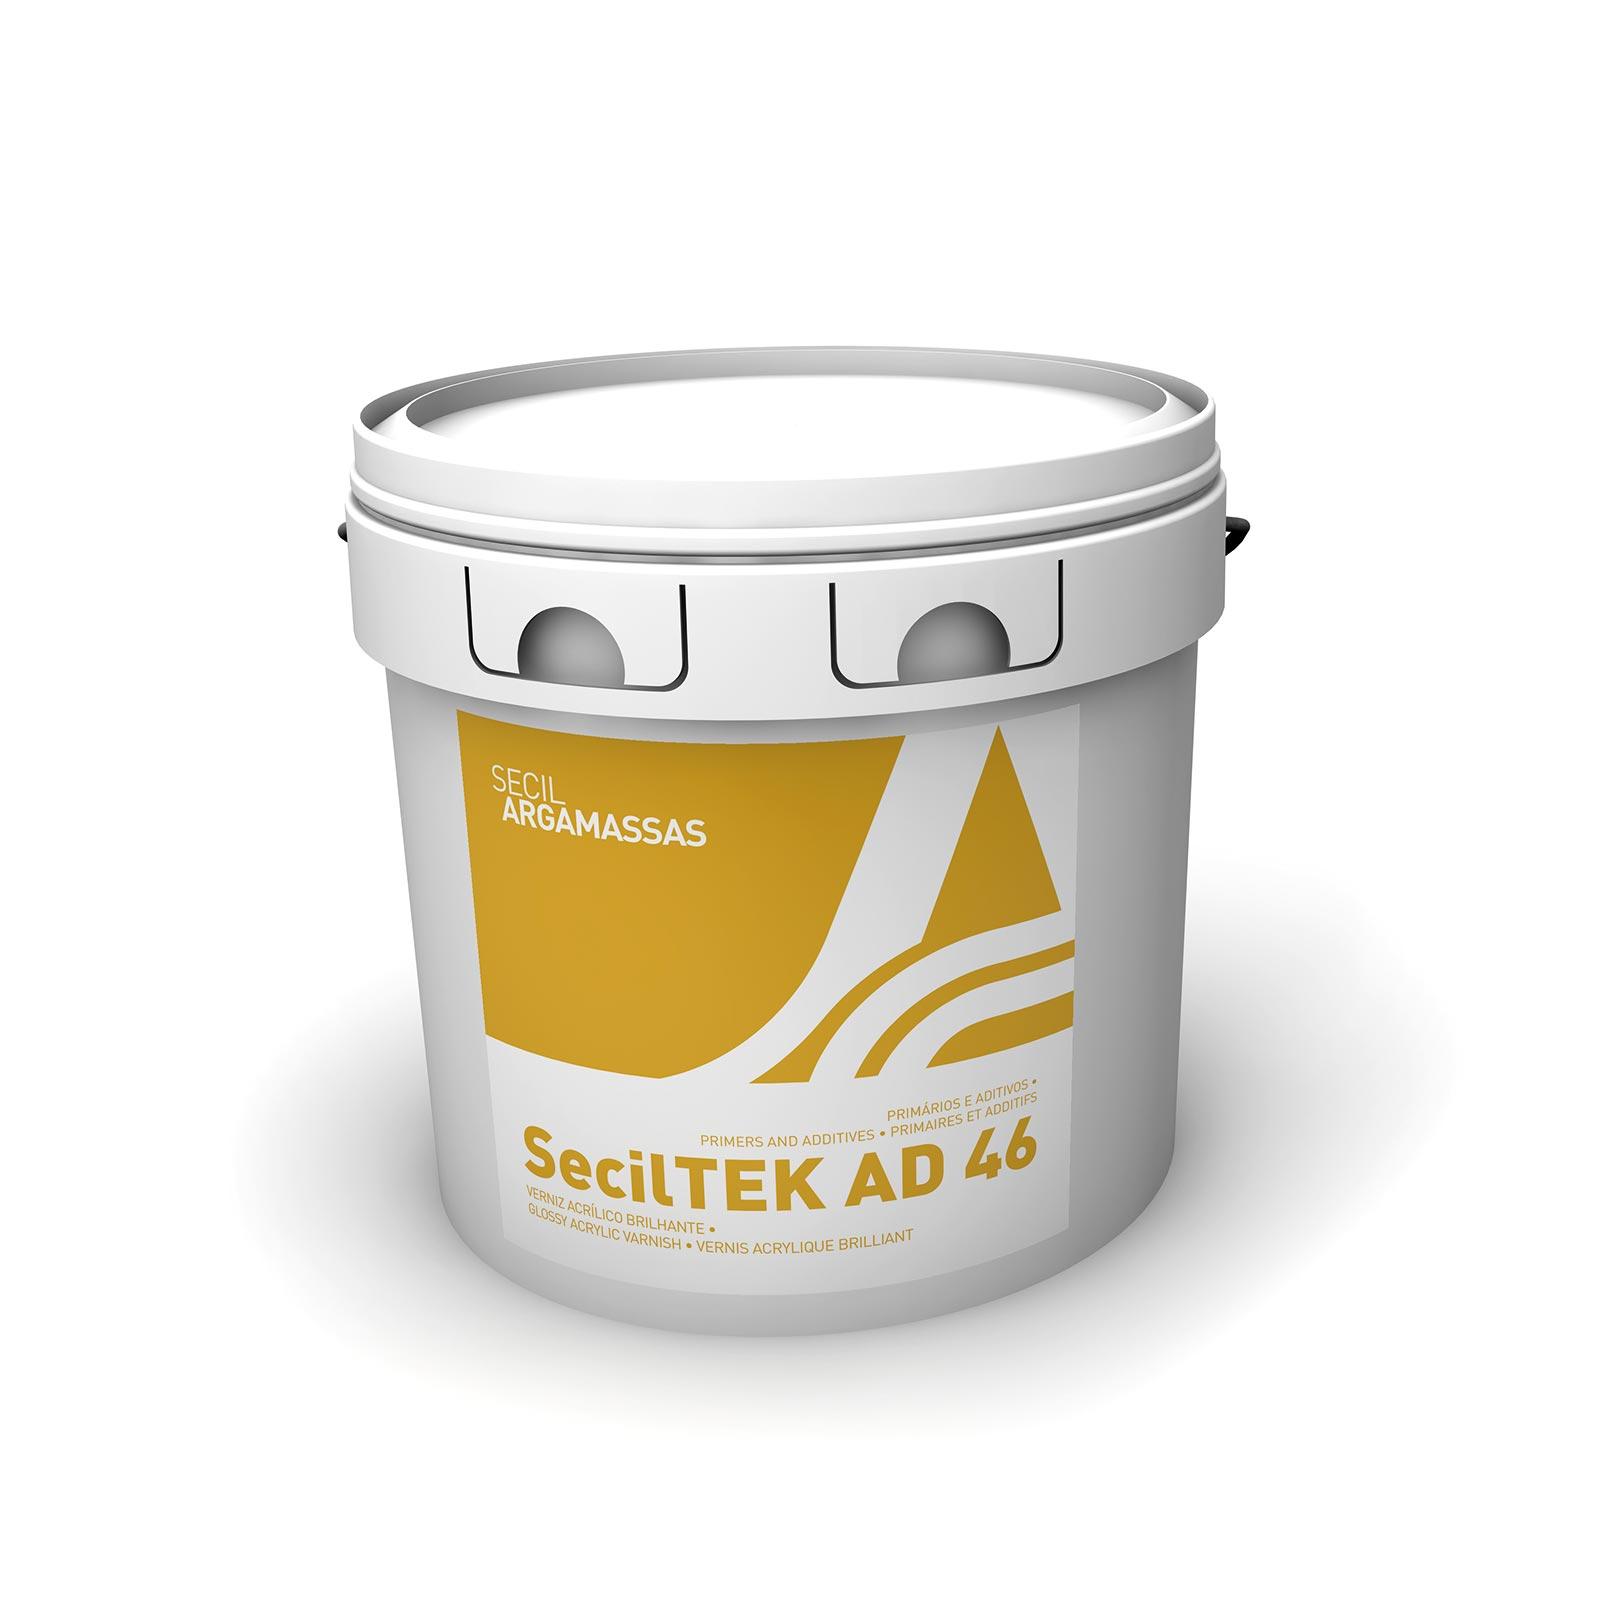 SecilTEK AD 46